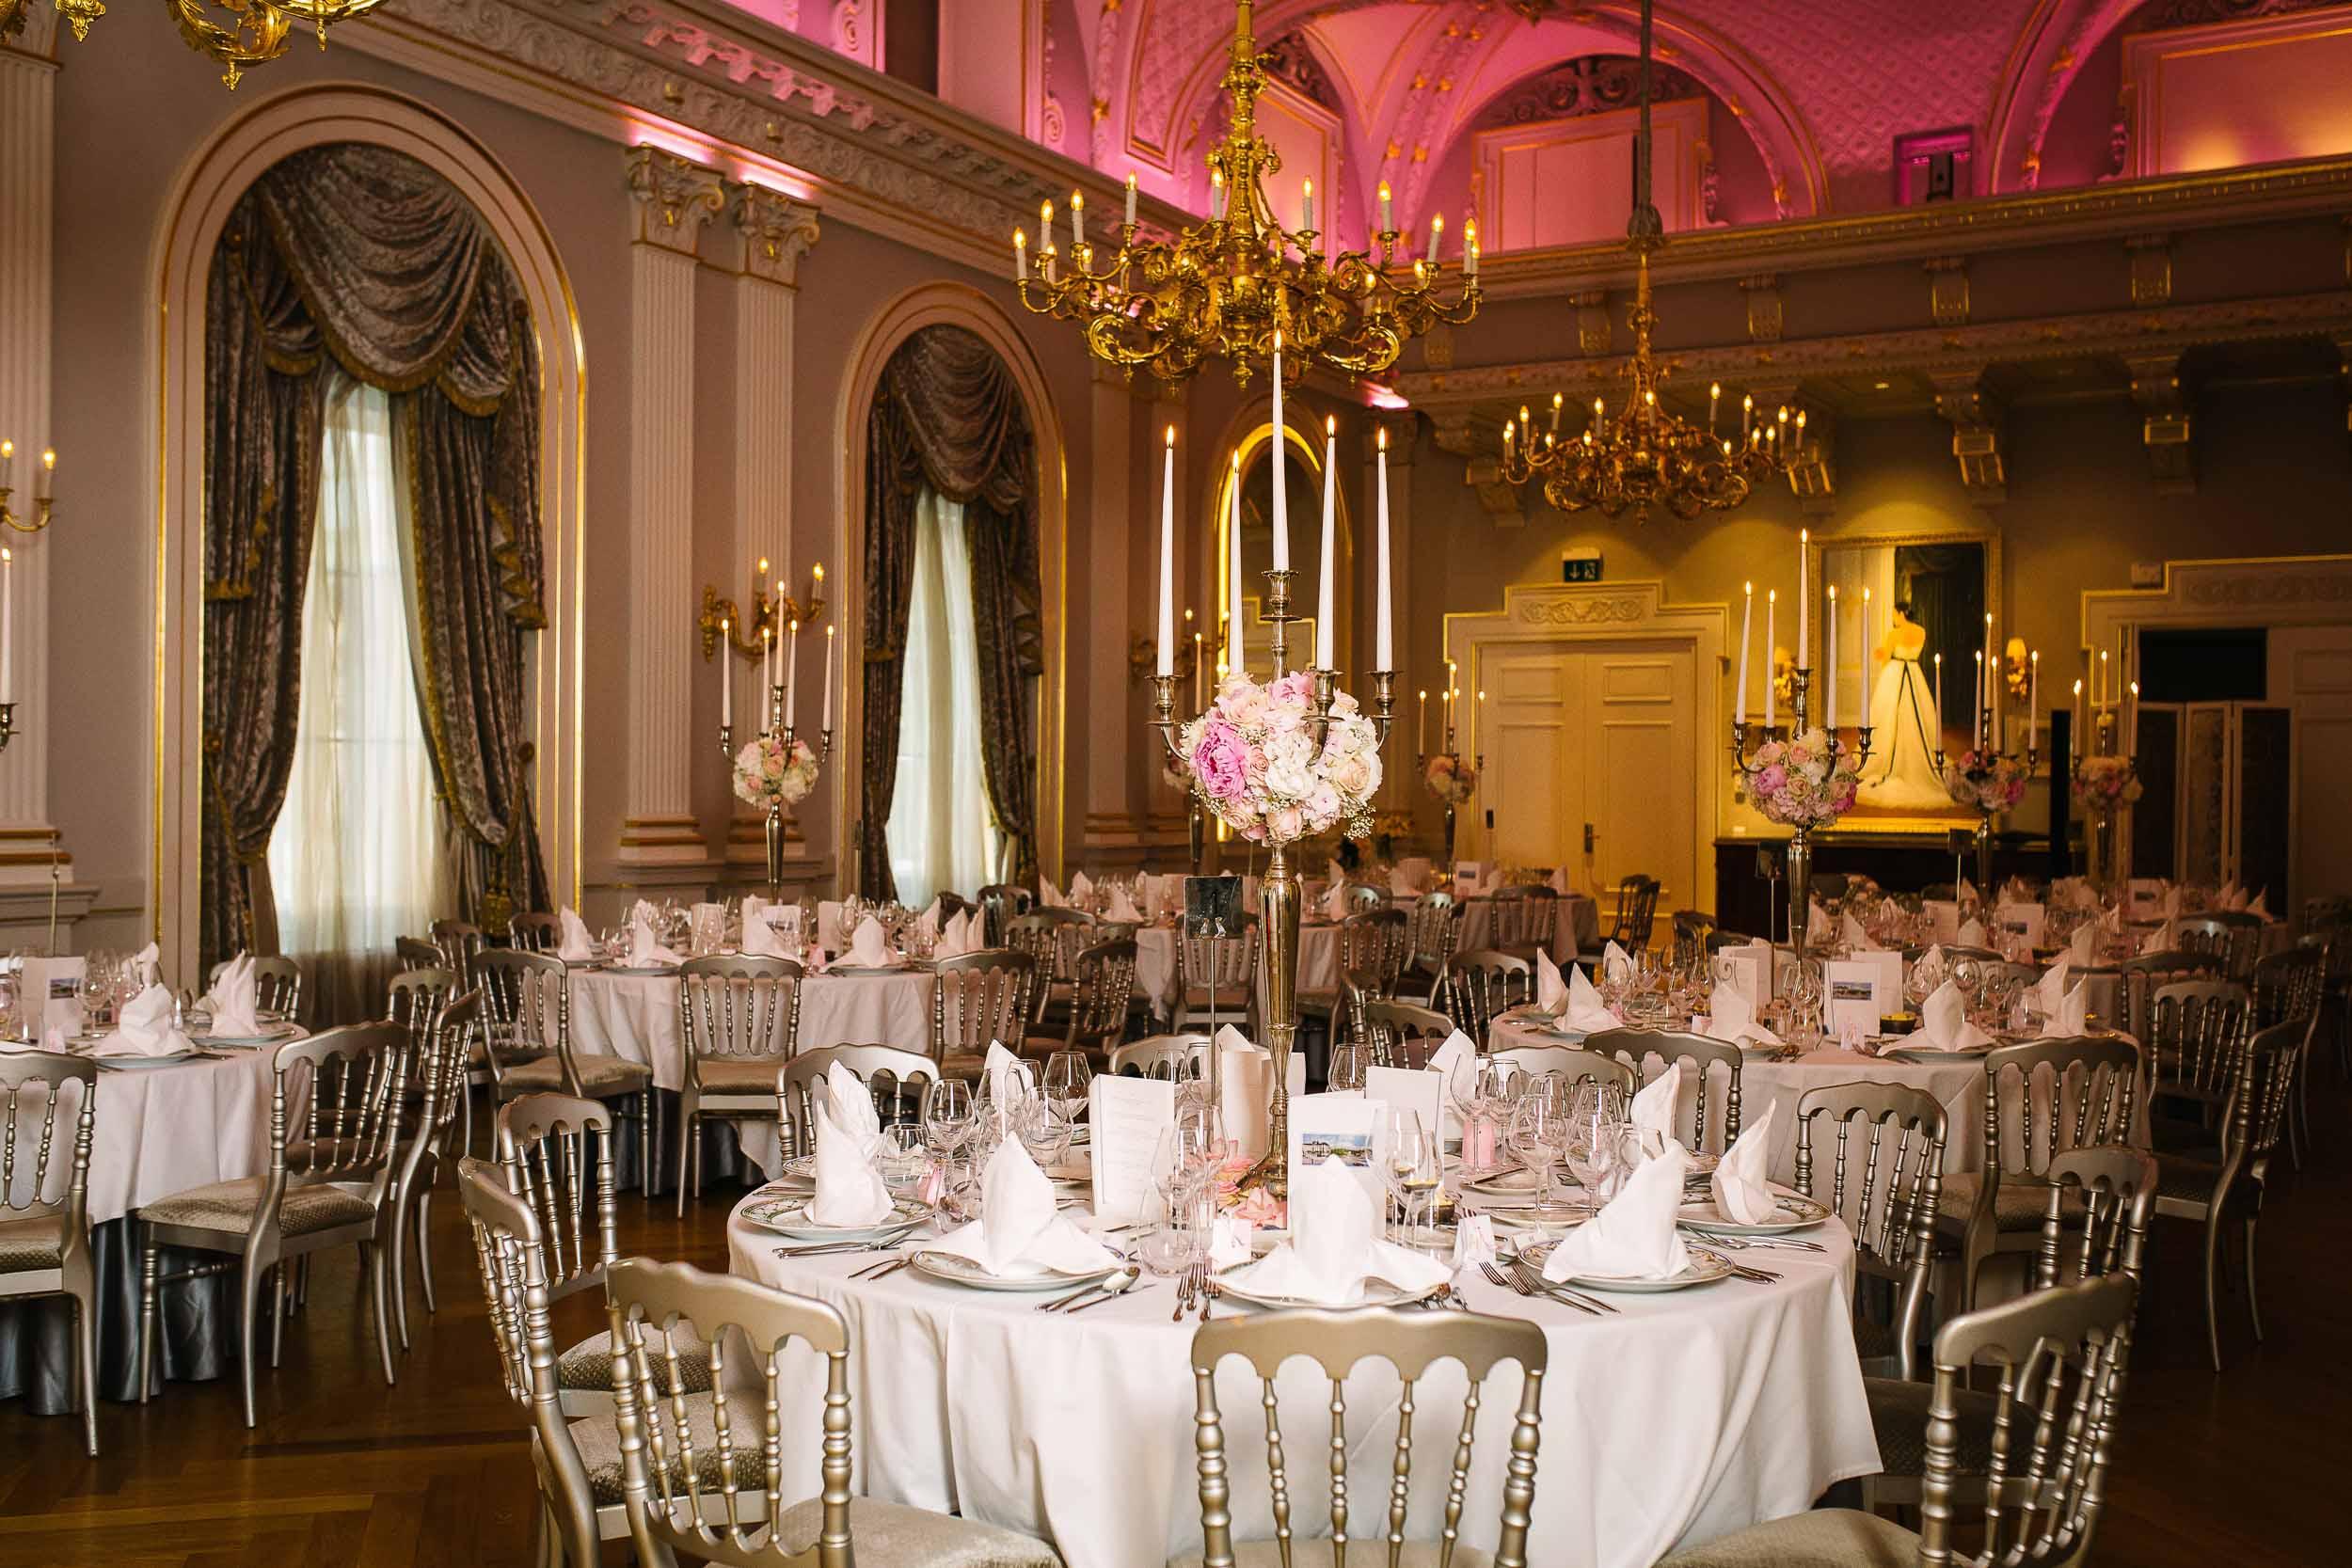 529-Melanie-Aurelien-Wedding-9525-col.jpg